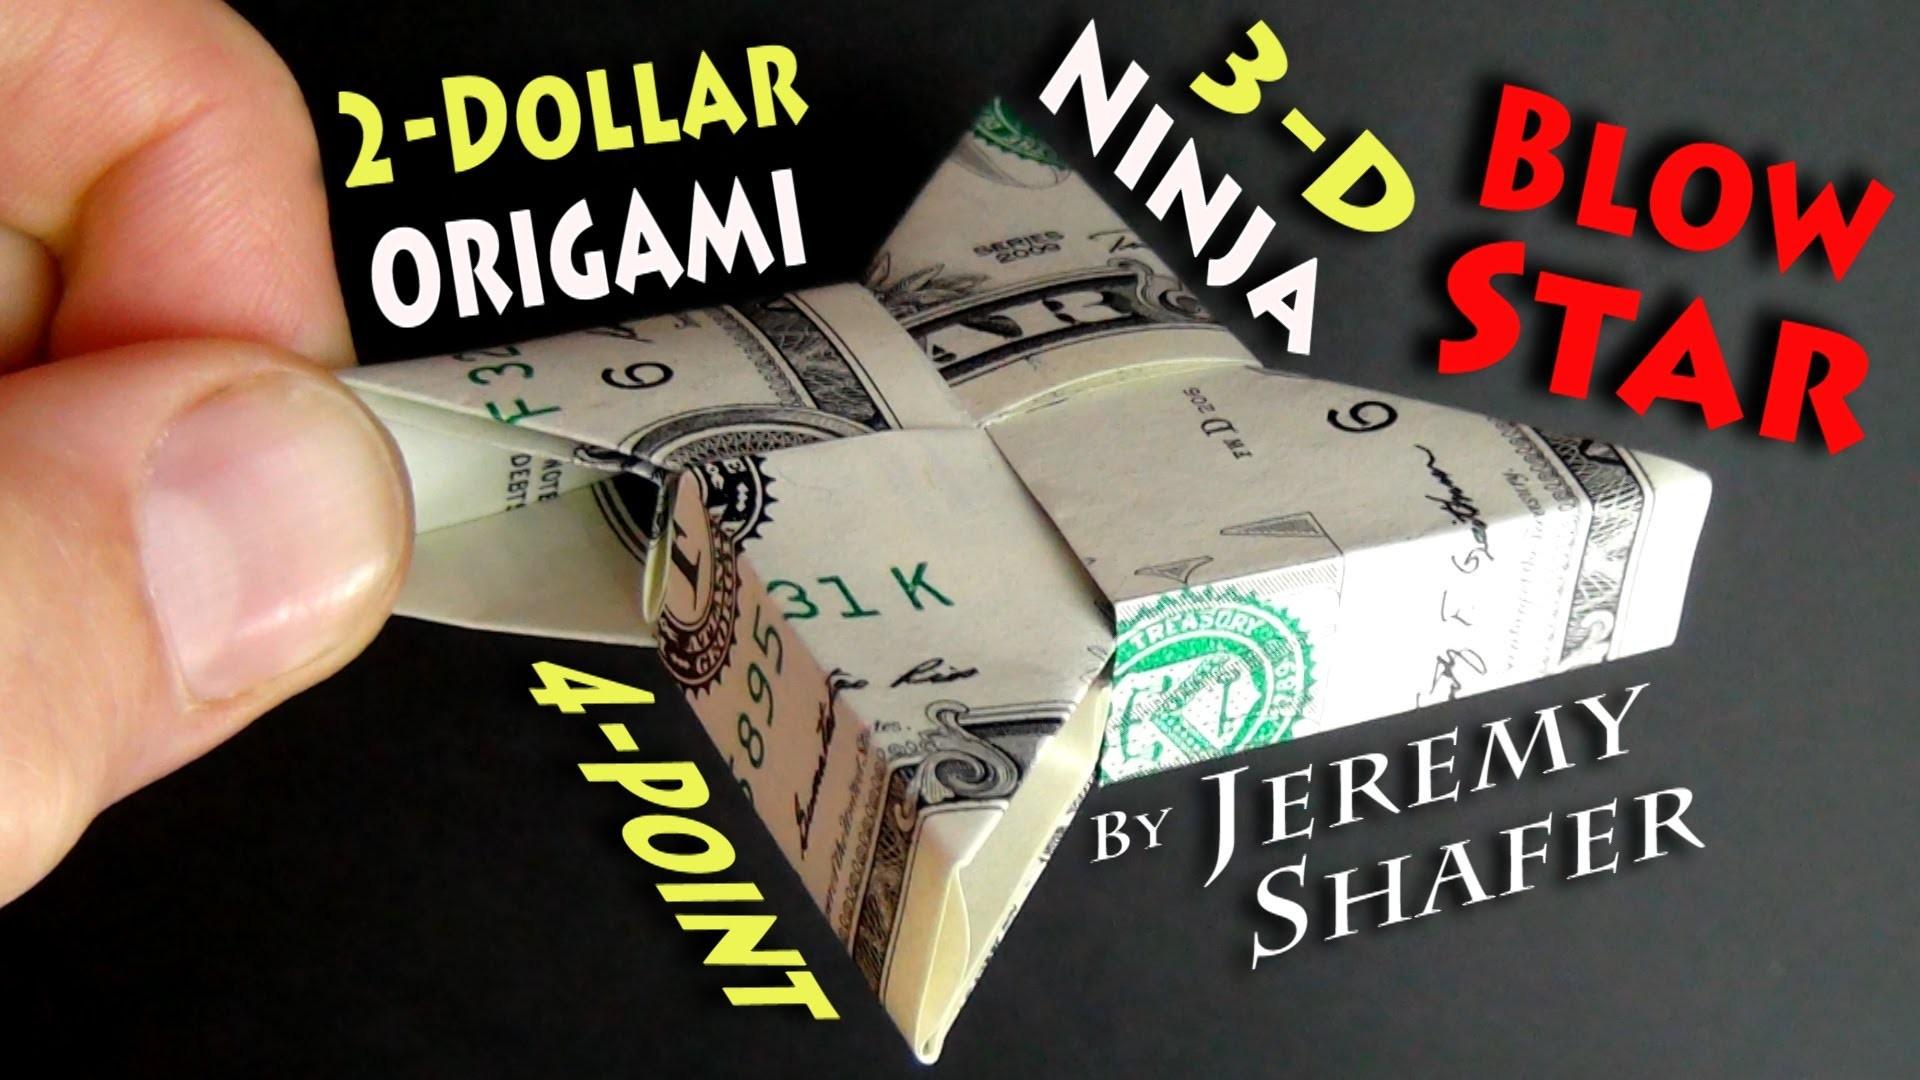 Origami 3-D Ninja Blow Star